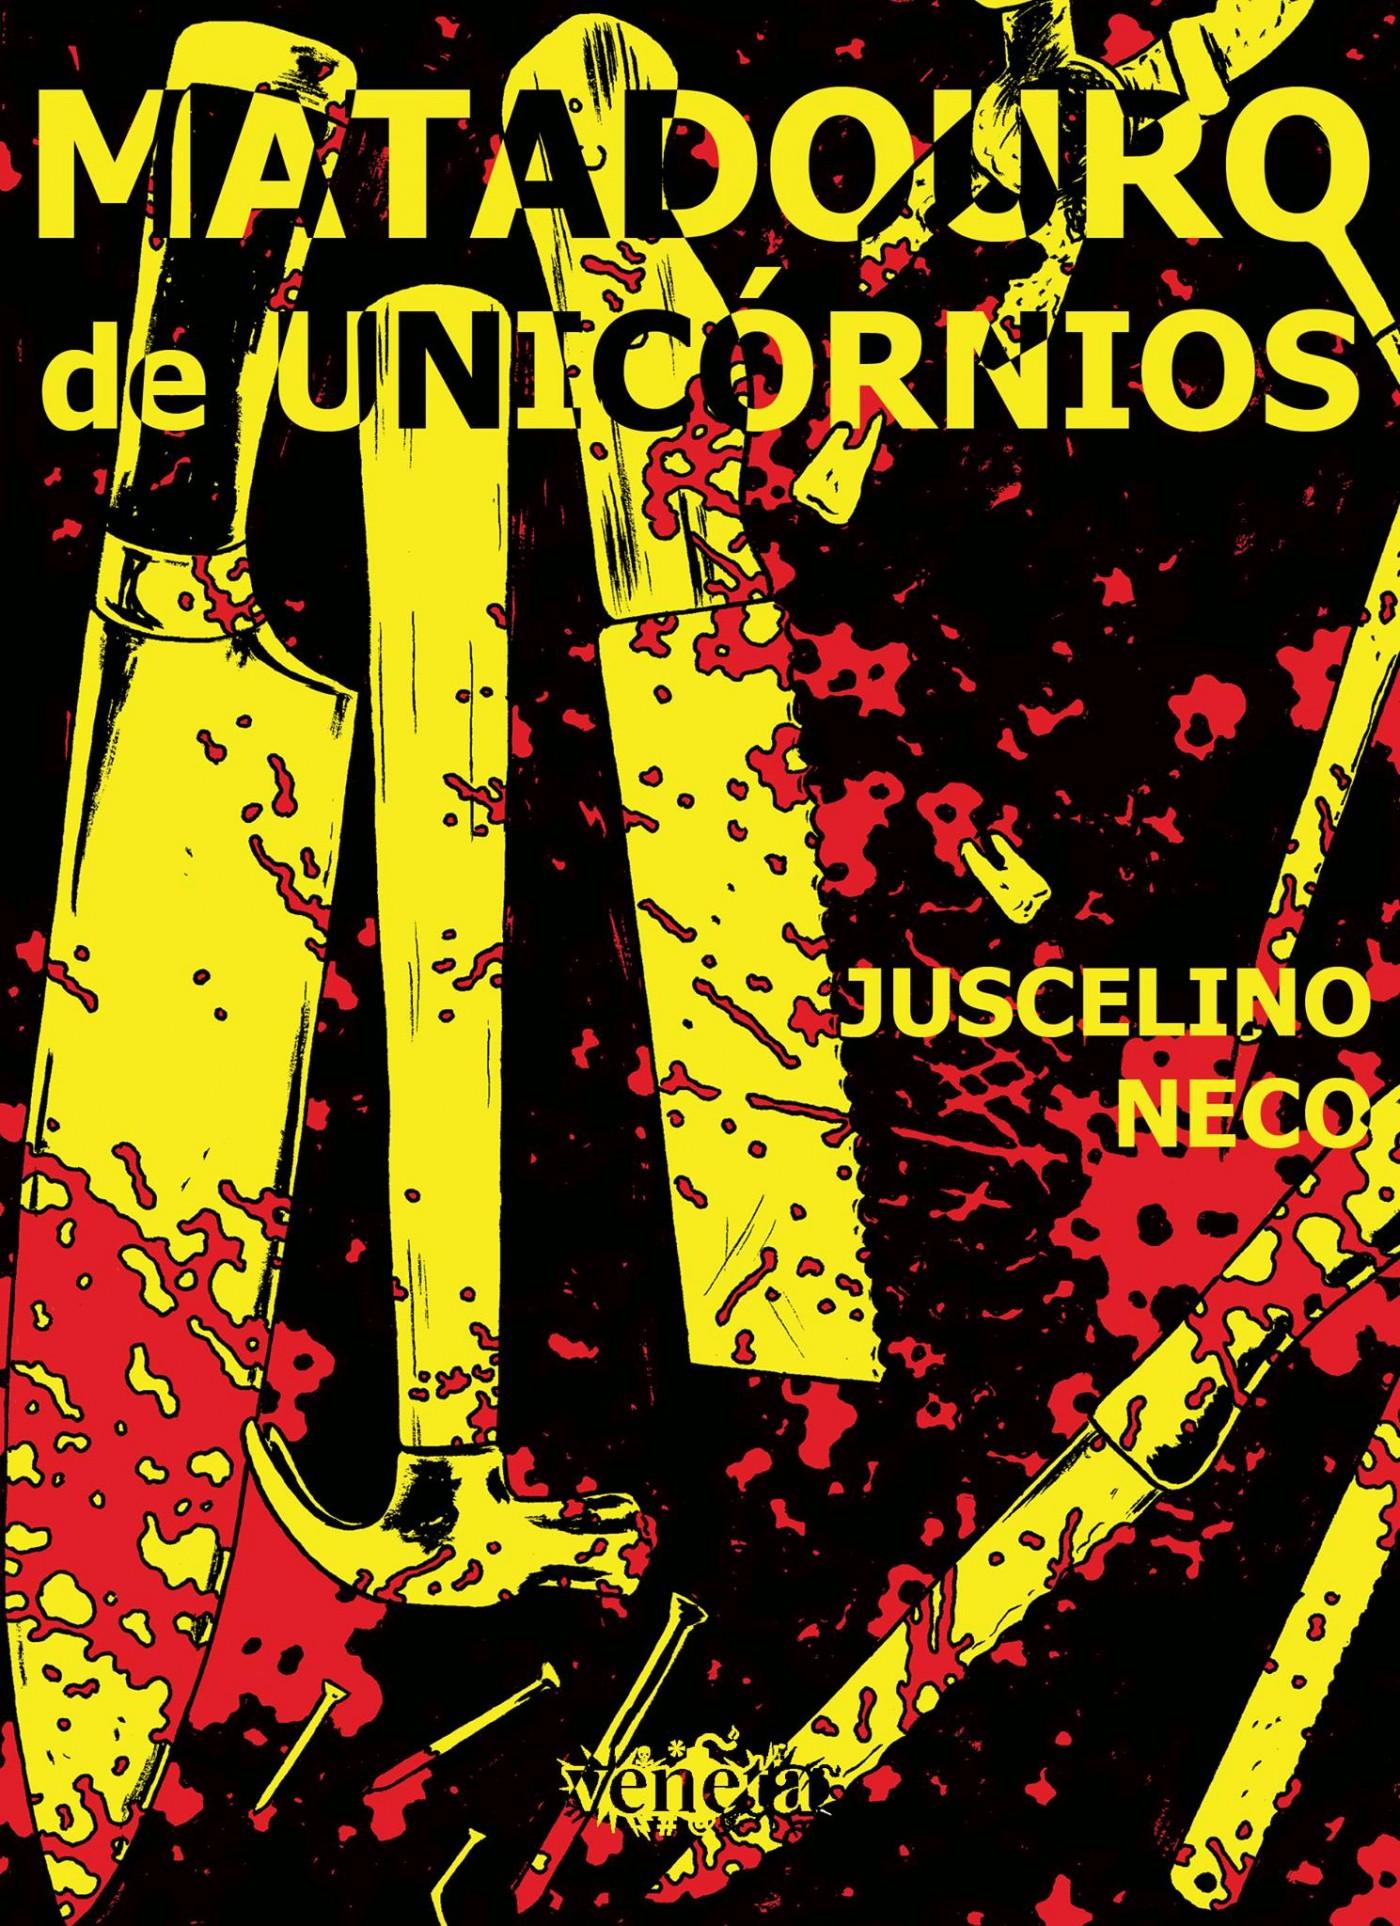 A capa de Matadouro de Unicórnios, o próximo quadrinho de Juscelino Neco